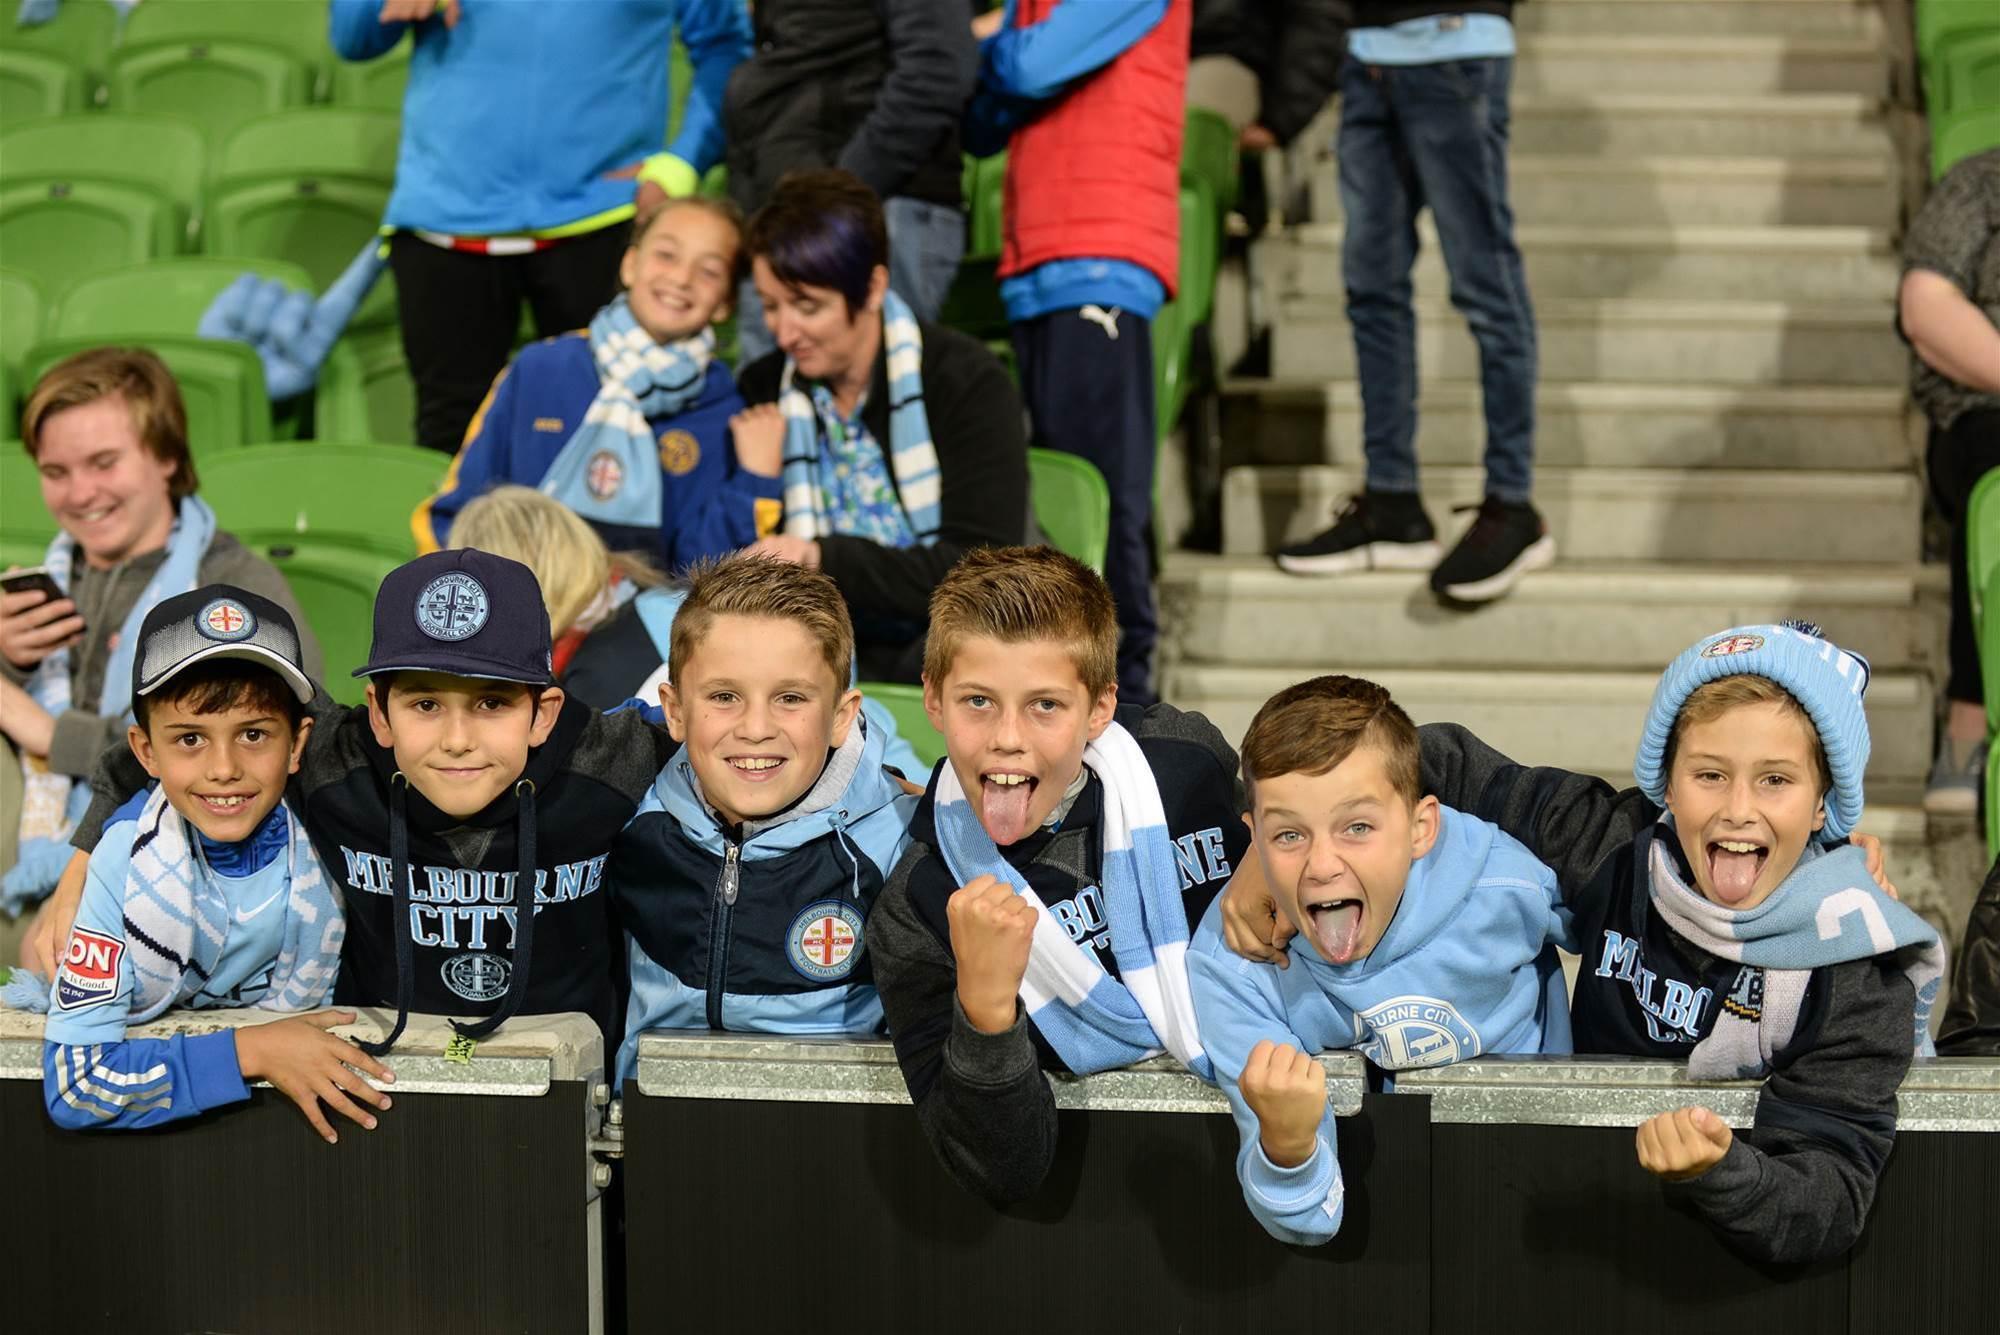 Fans finals special: Melbourne City v Brisbane Roar